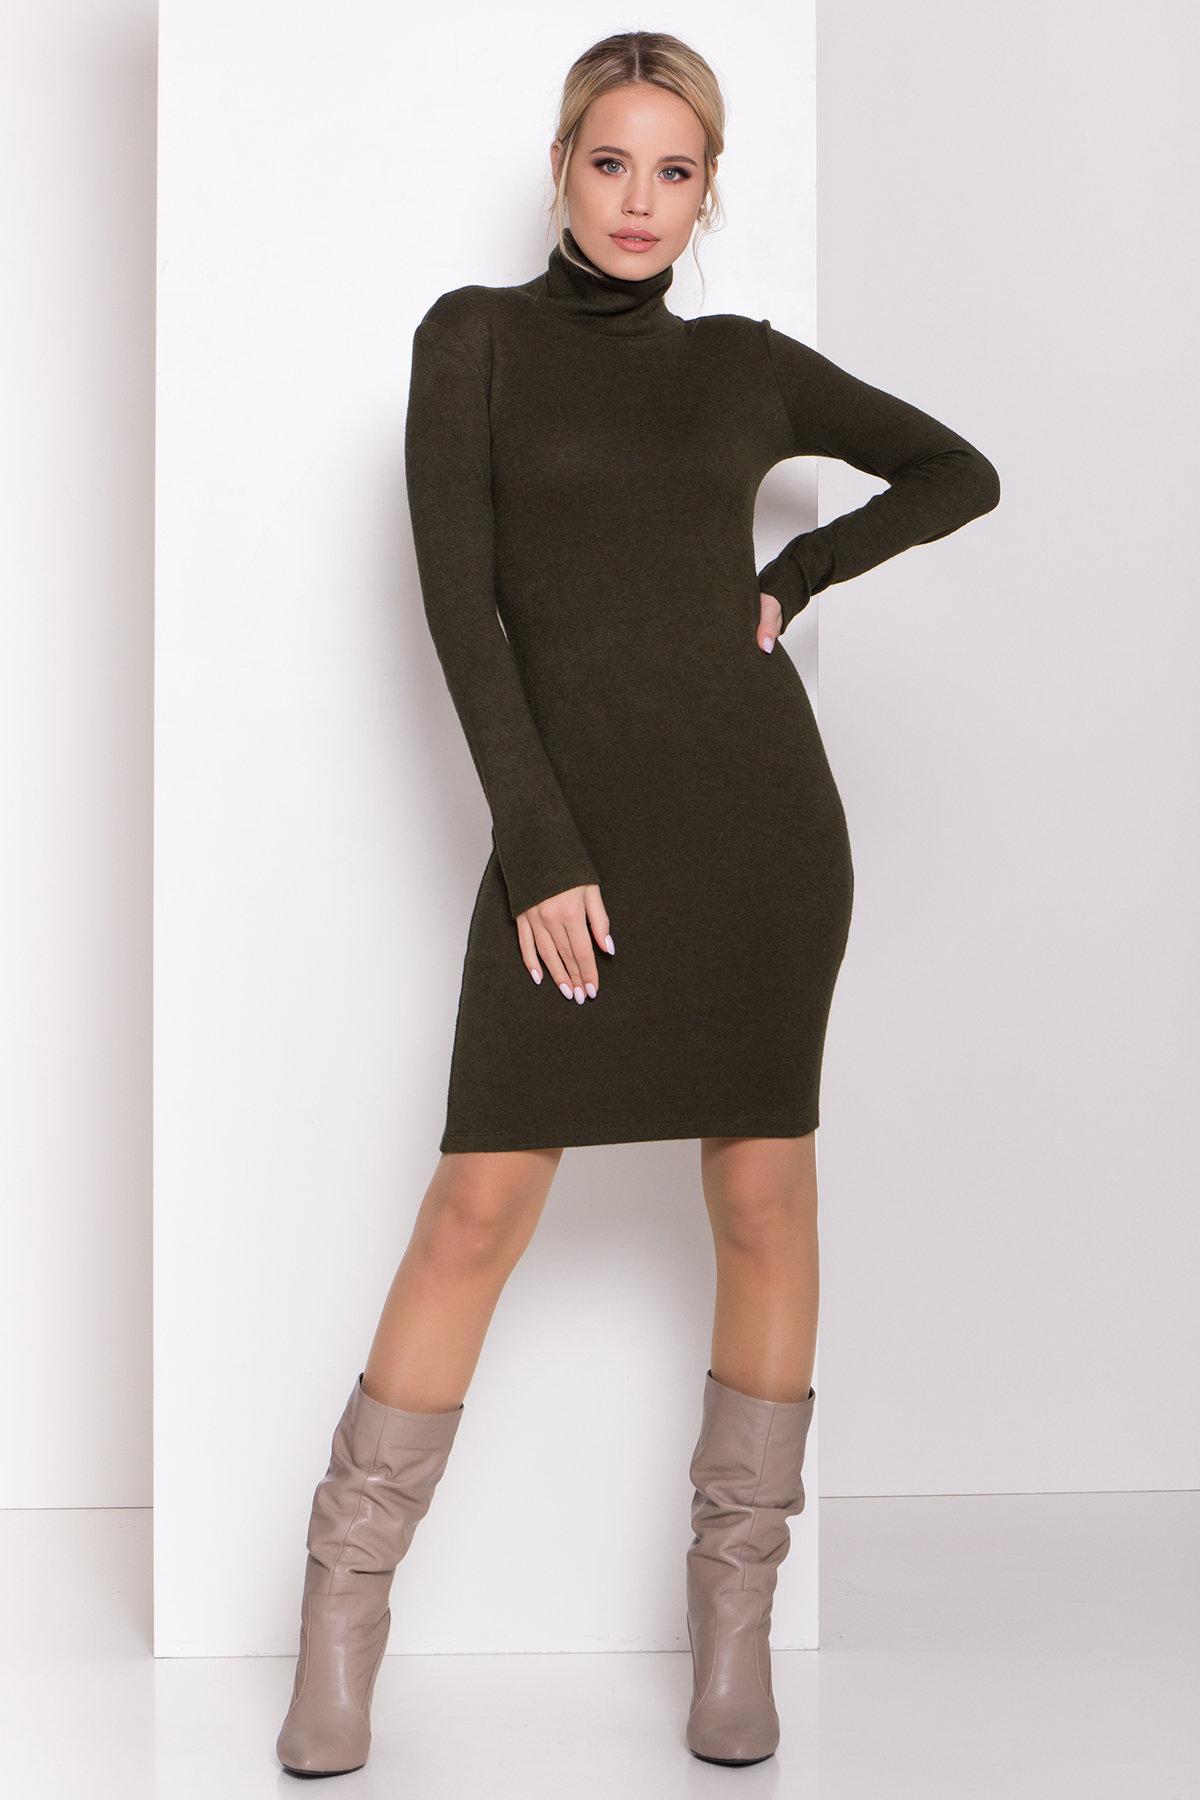 Платье из ангоры Вери 8258 АРТ. 44718 Цвет: Хаки - фото 2, интернет магазин tm-modus.ru